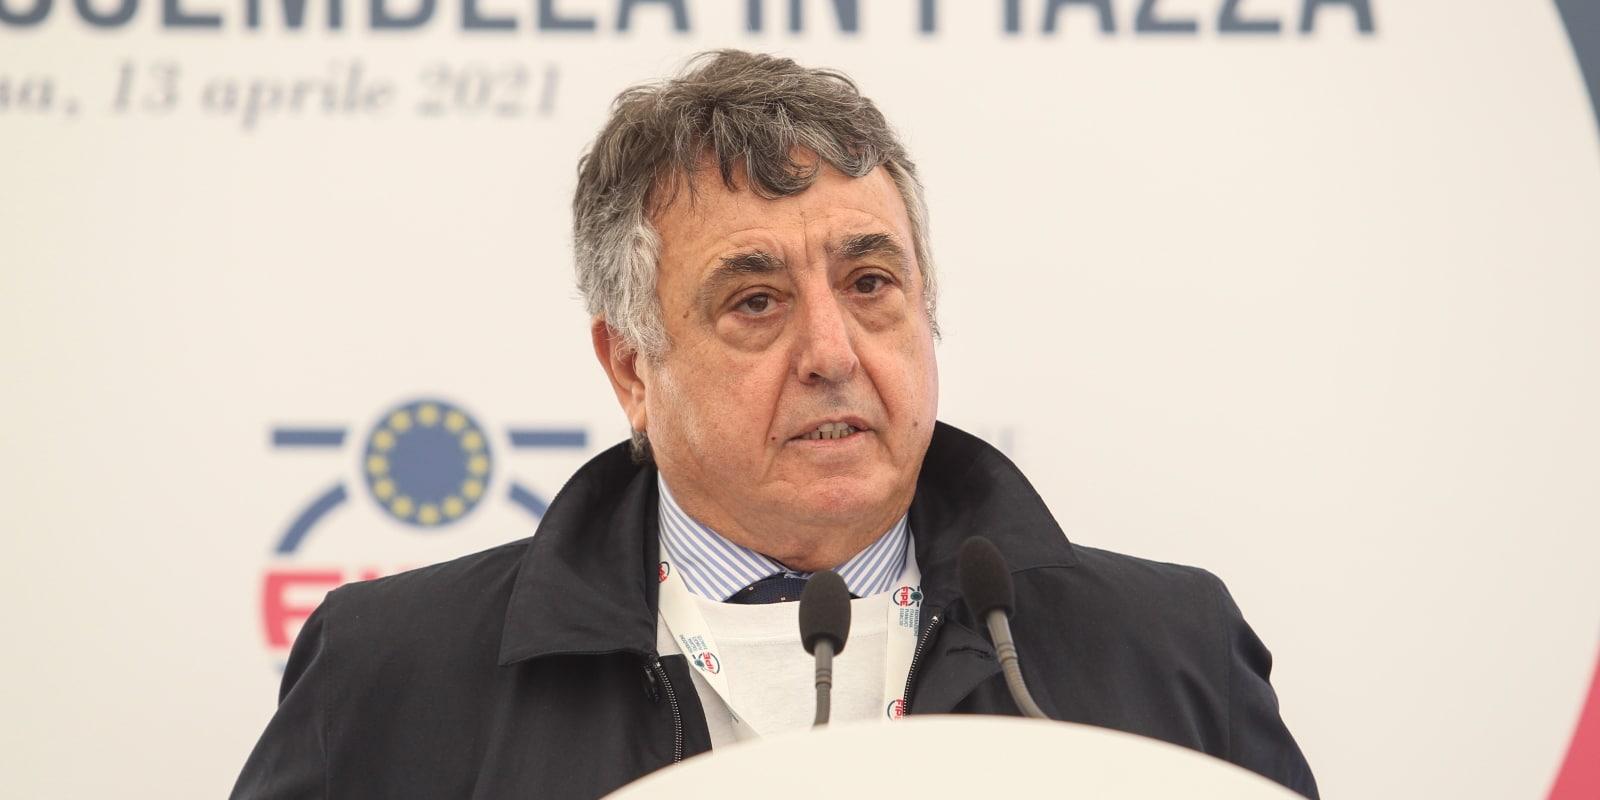 Maurizio Pasca Fipe